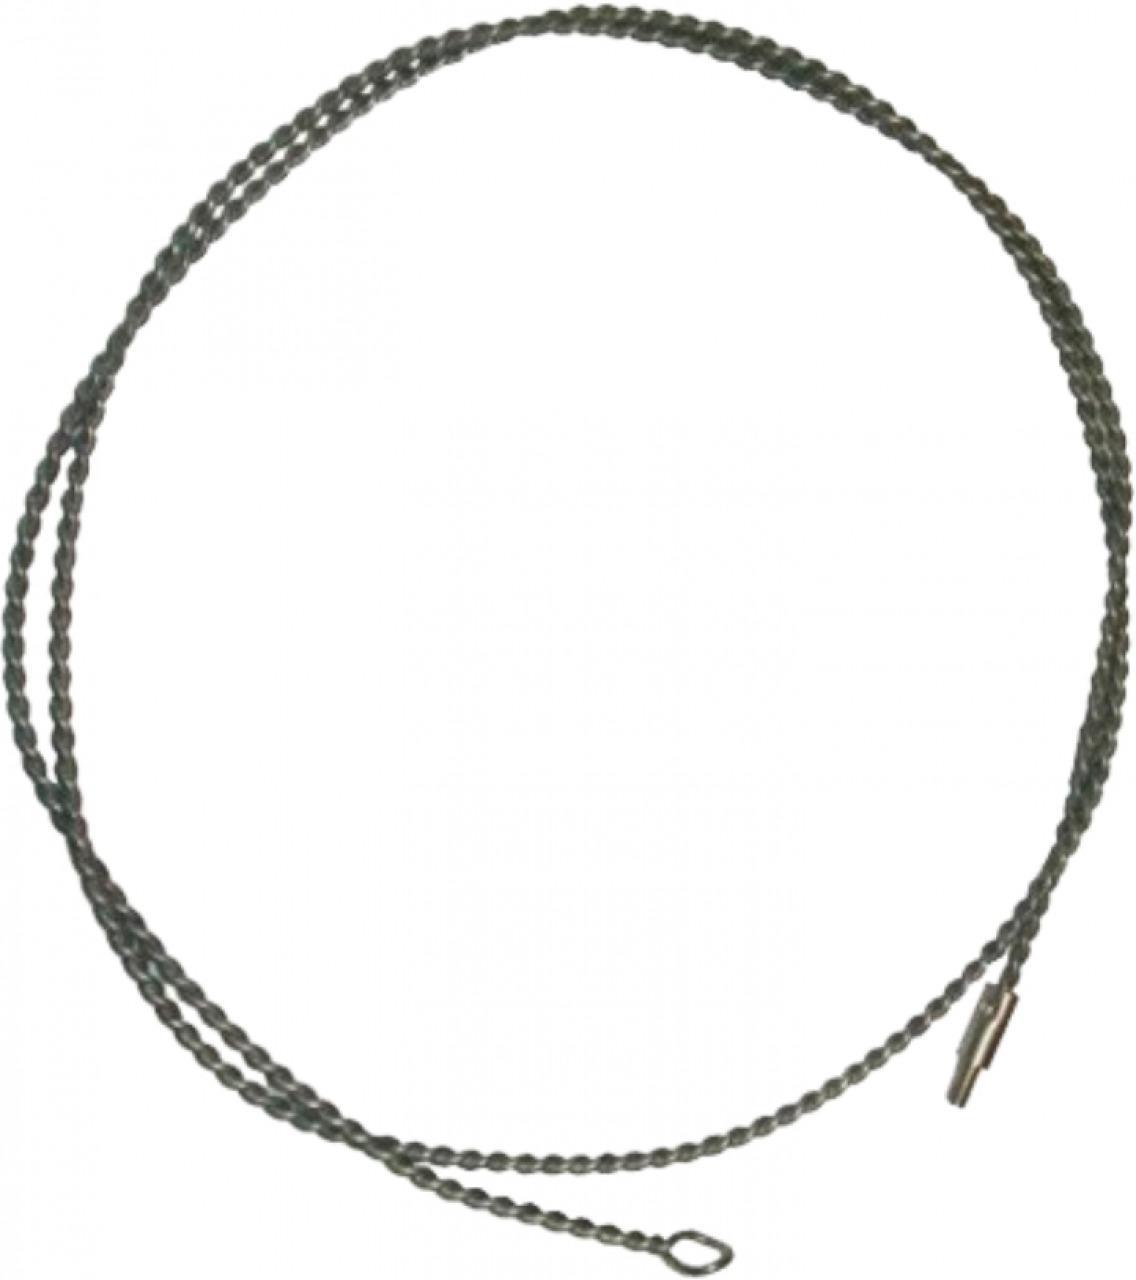 CABO EM ARAME 1,90 P/ESCOVA CILINDRICA